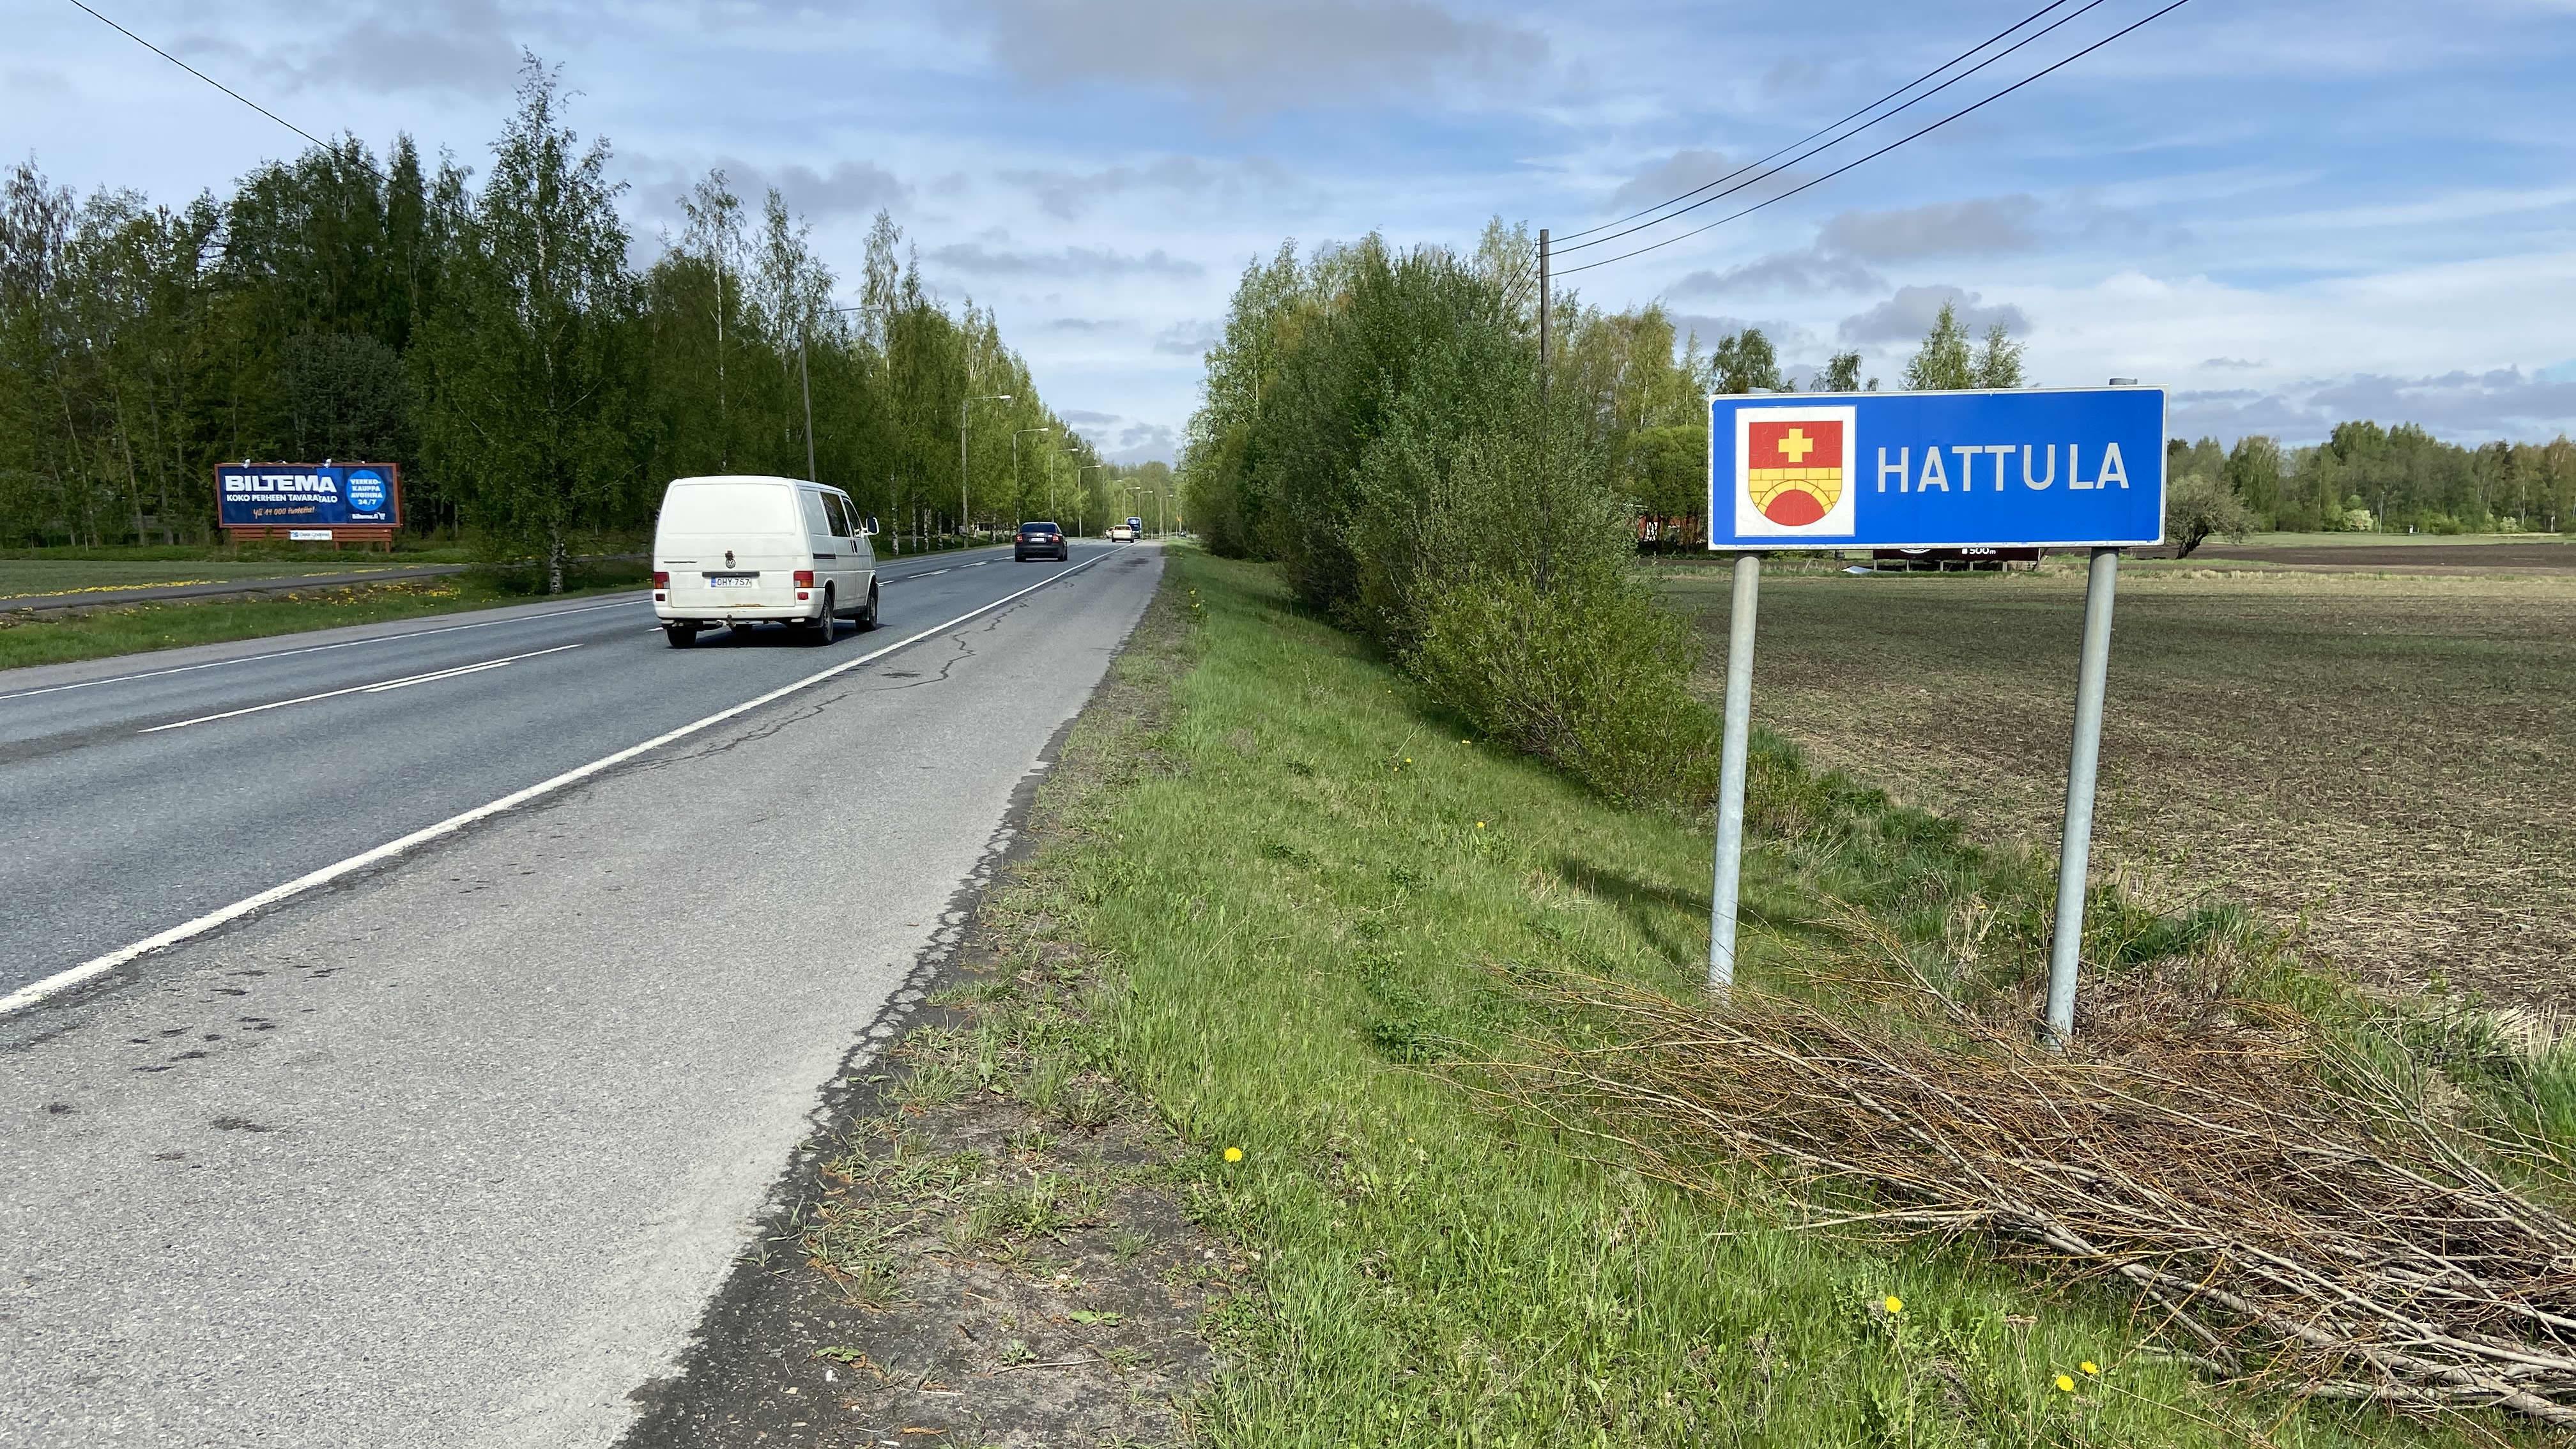 Kuva Hattulan kuntakyltistä tieltä 57 Hämeenlinnasta ajettaessa. Kuvassa myös autoja ajamassa Hattulan suuntaan.